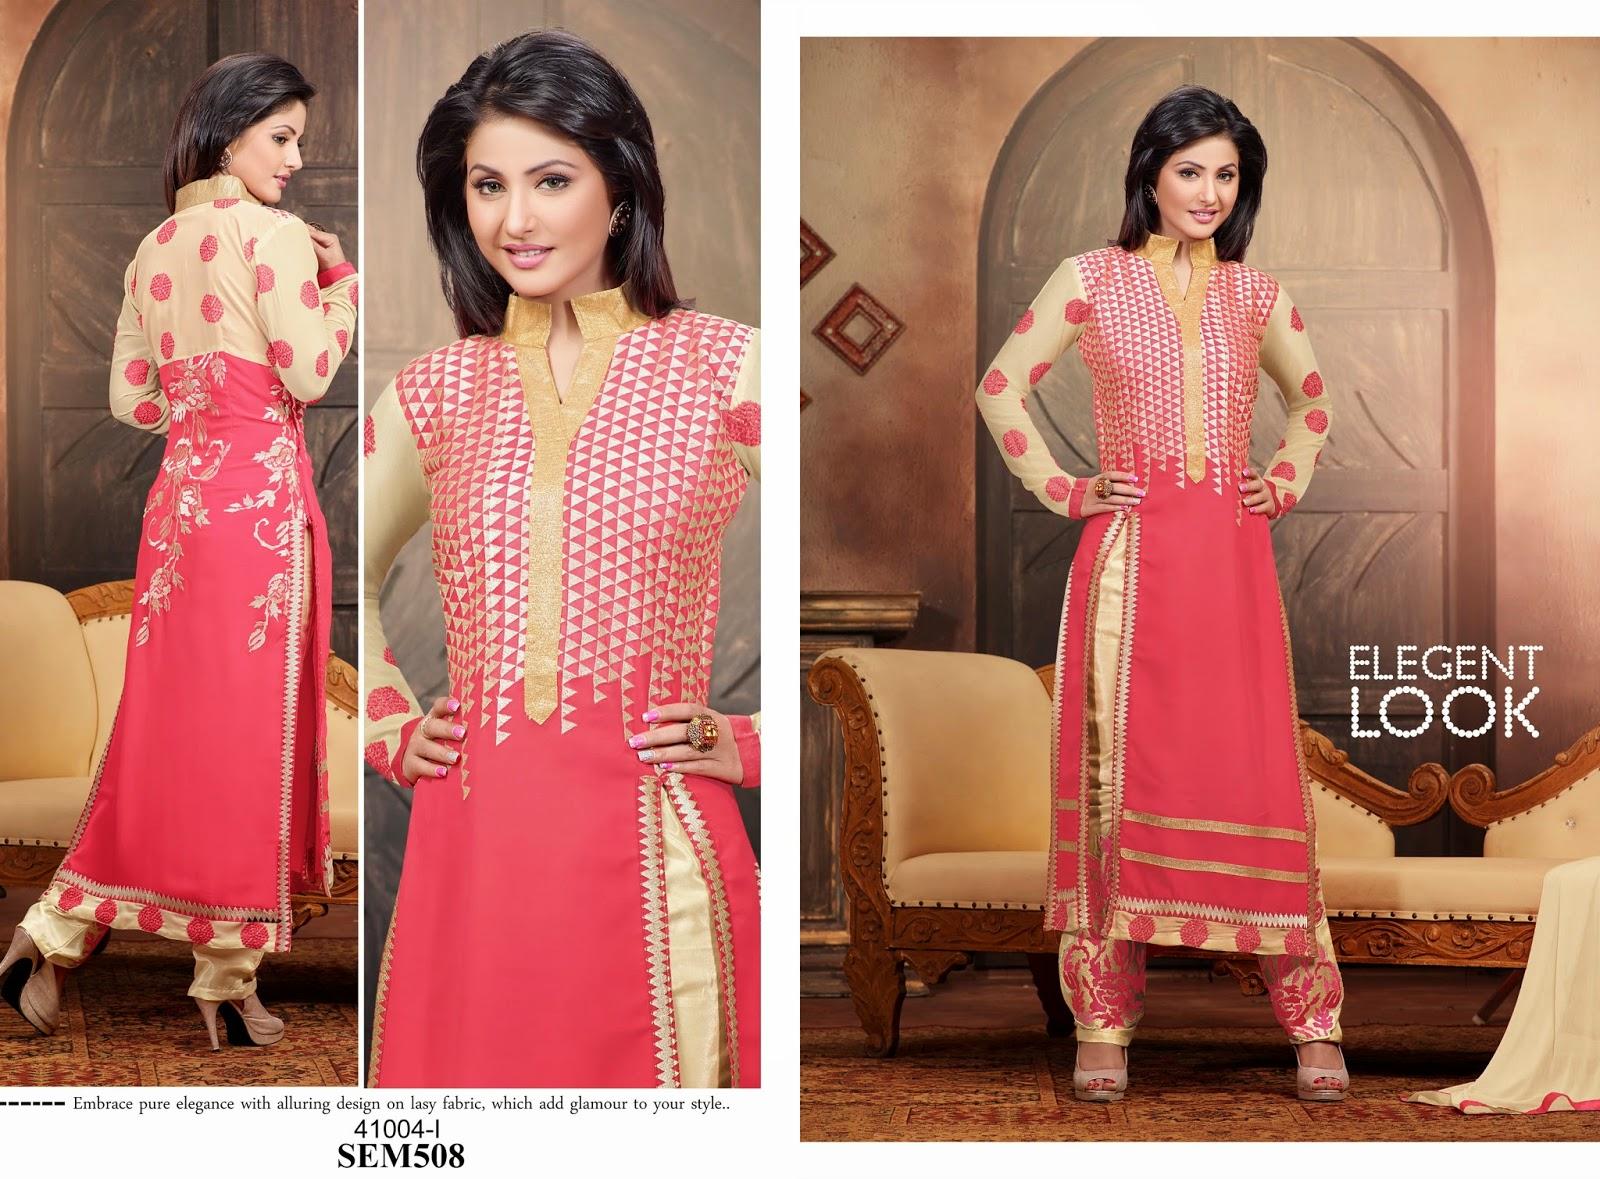 Hina khan in designer long salwar kameez helix enterprise